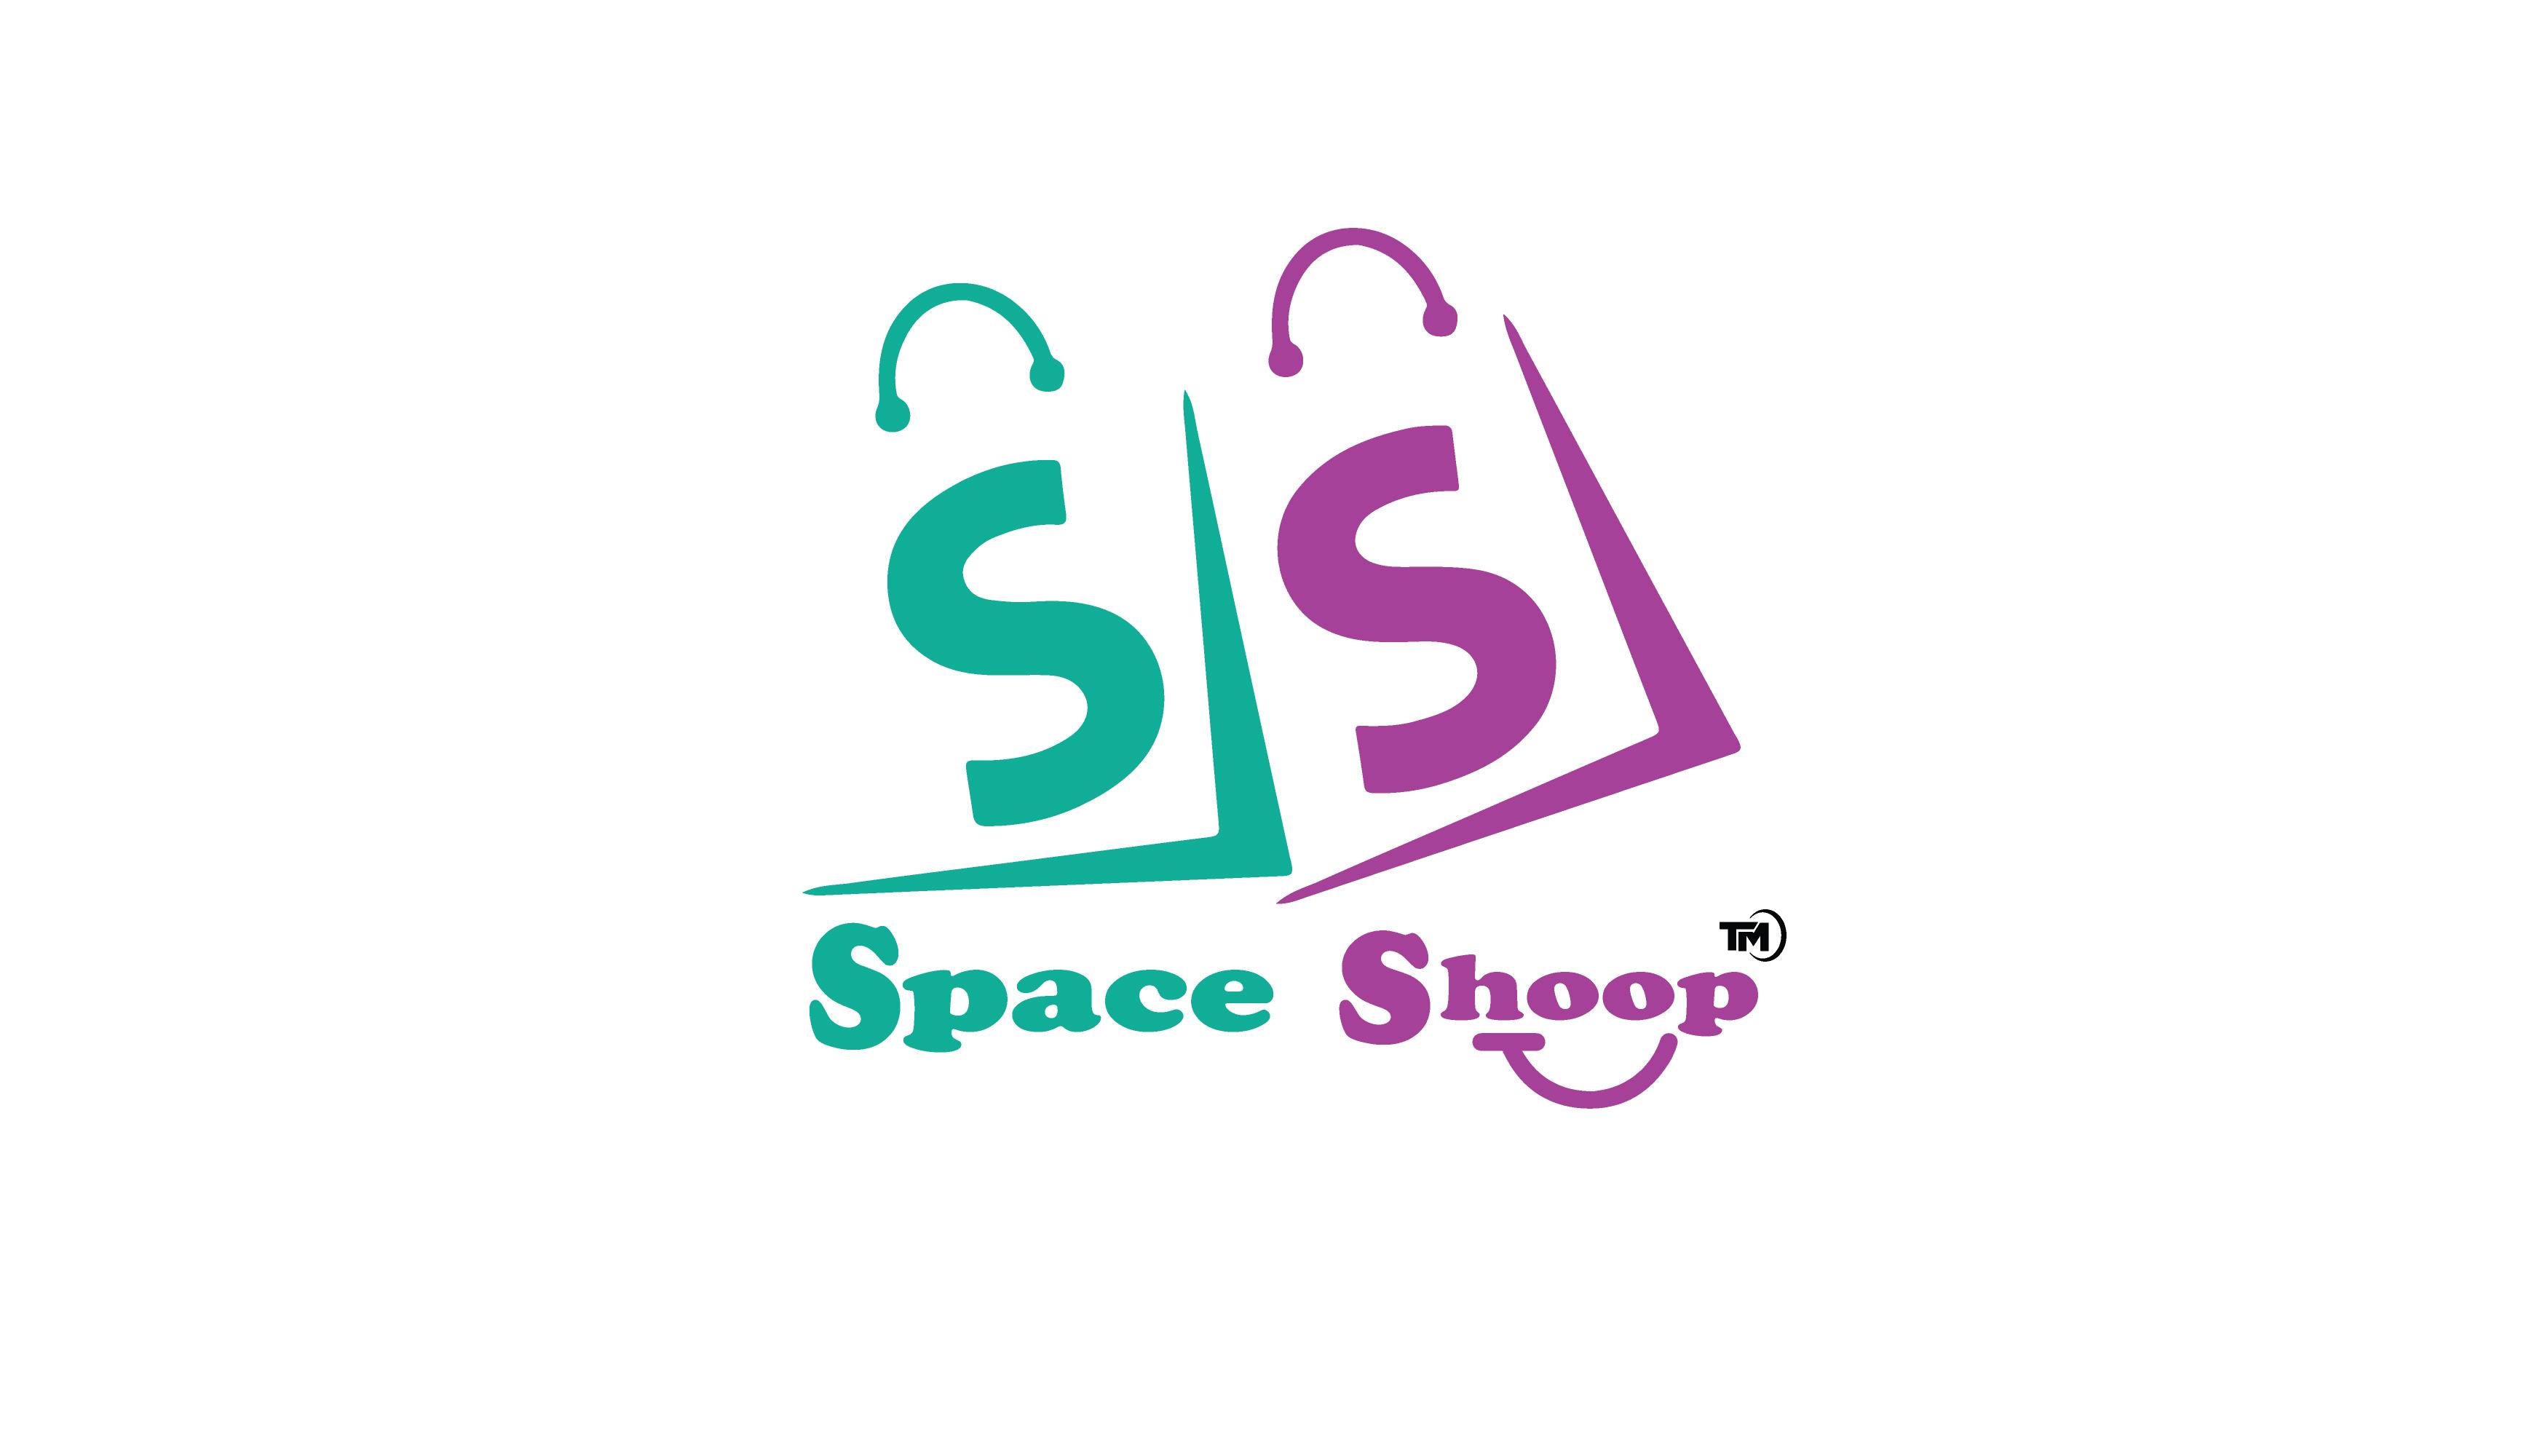 Spaceshoop